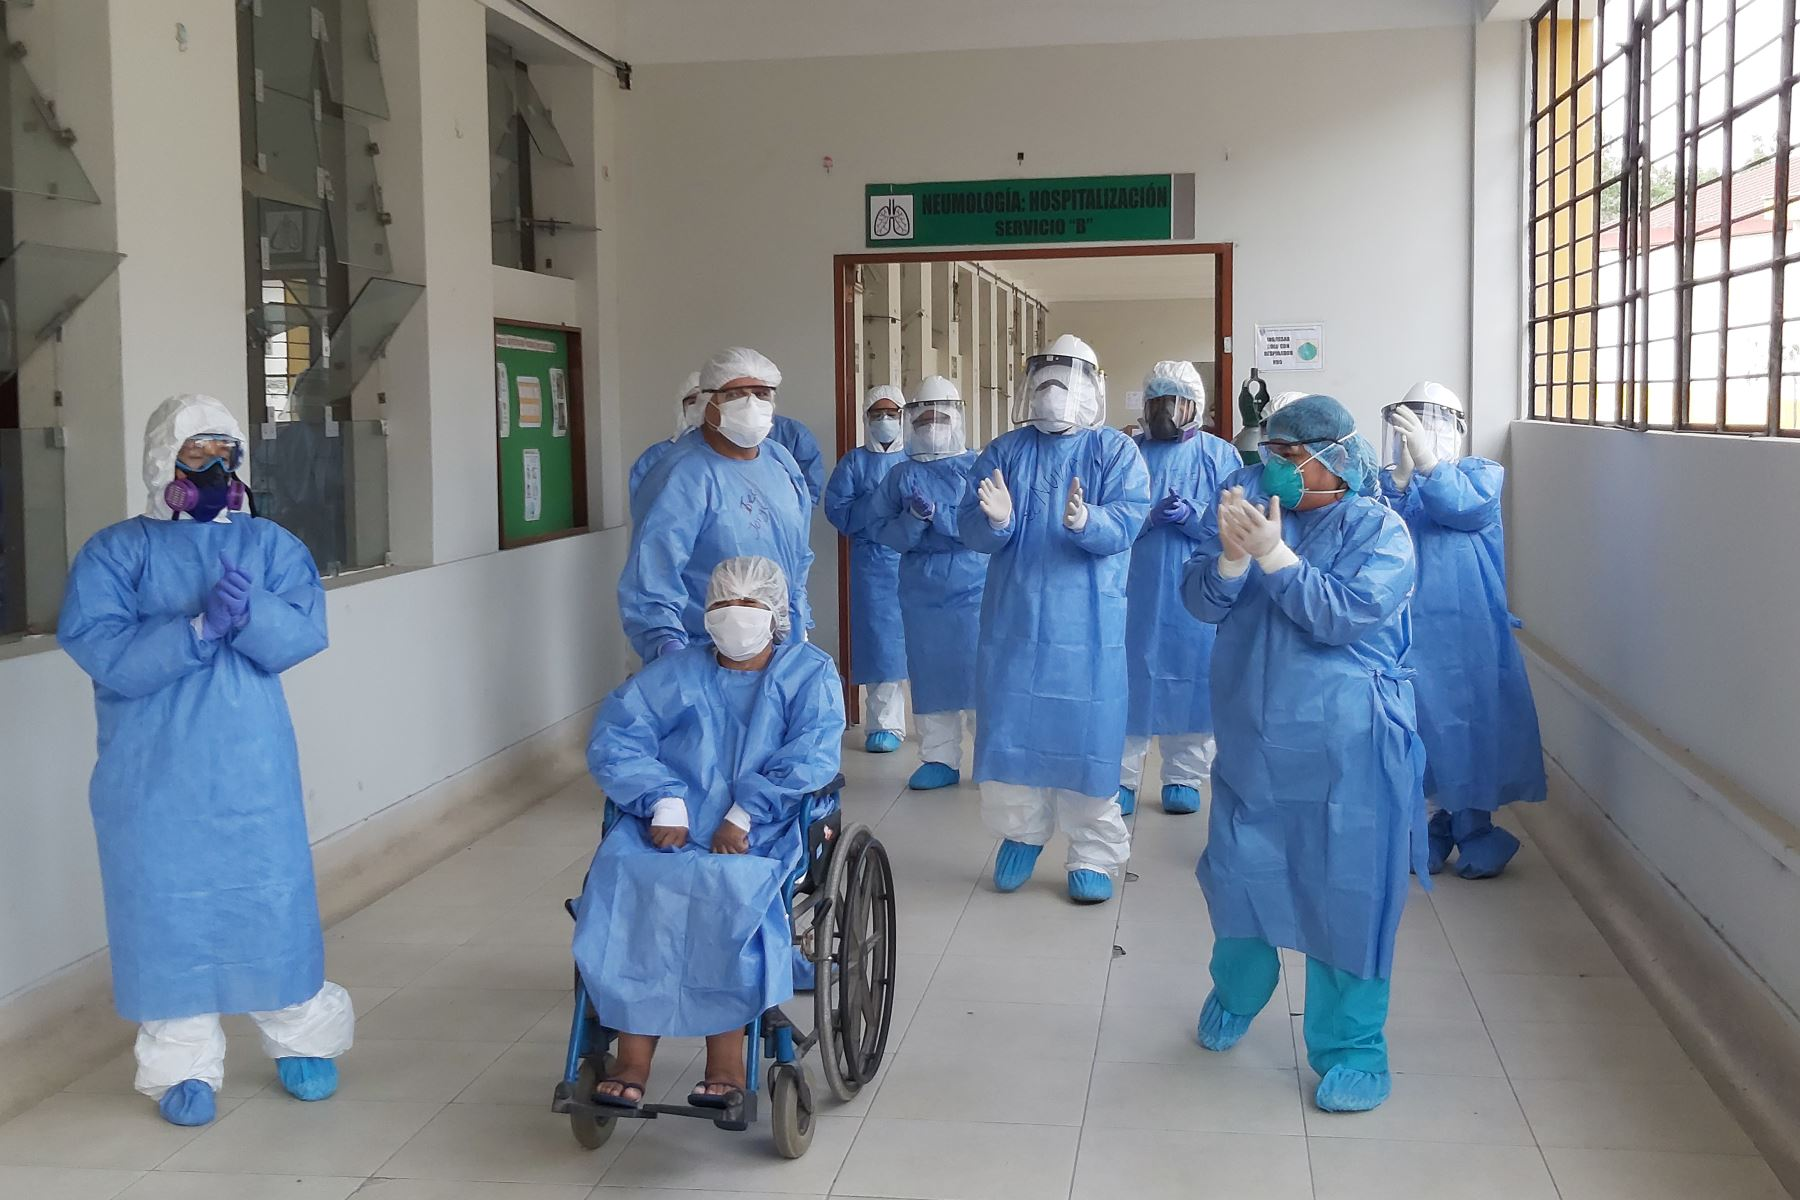 El Minsa informó que, hasta hoy, 2 millones 32,613 personas han superado la enfermedad, tras cumplir un período de aislamiento domiciliario o recibir el alta médica en un establecimiento de salud. ANDINA/ Minsa